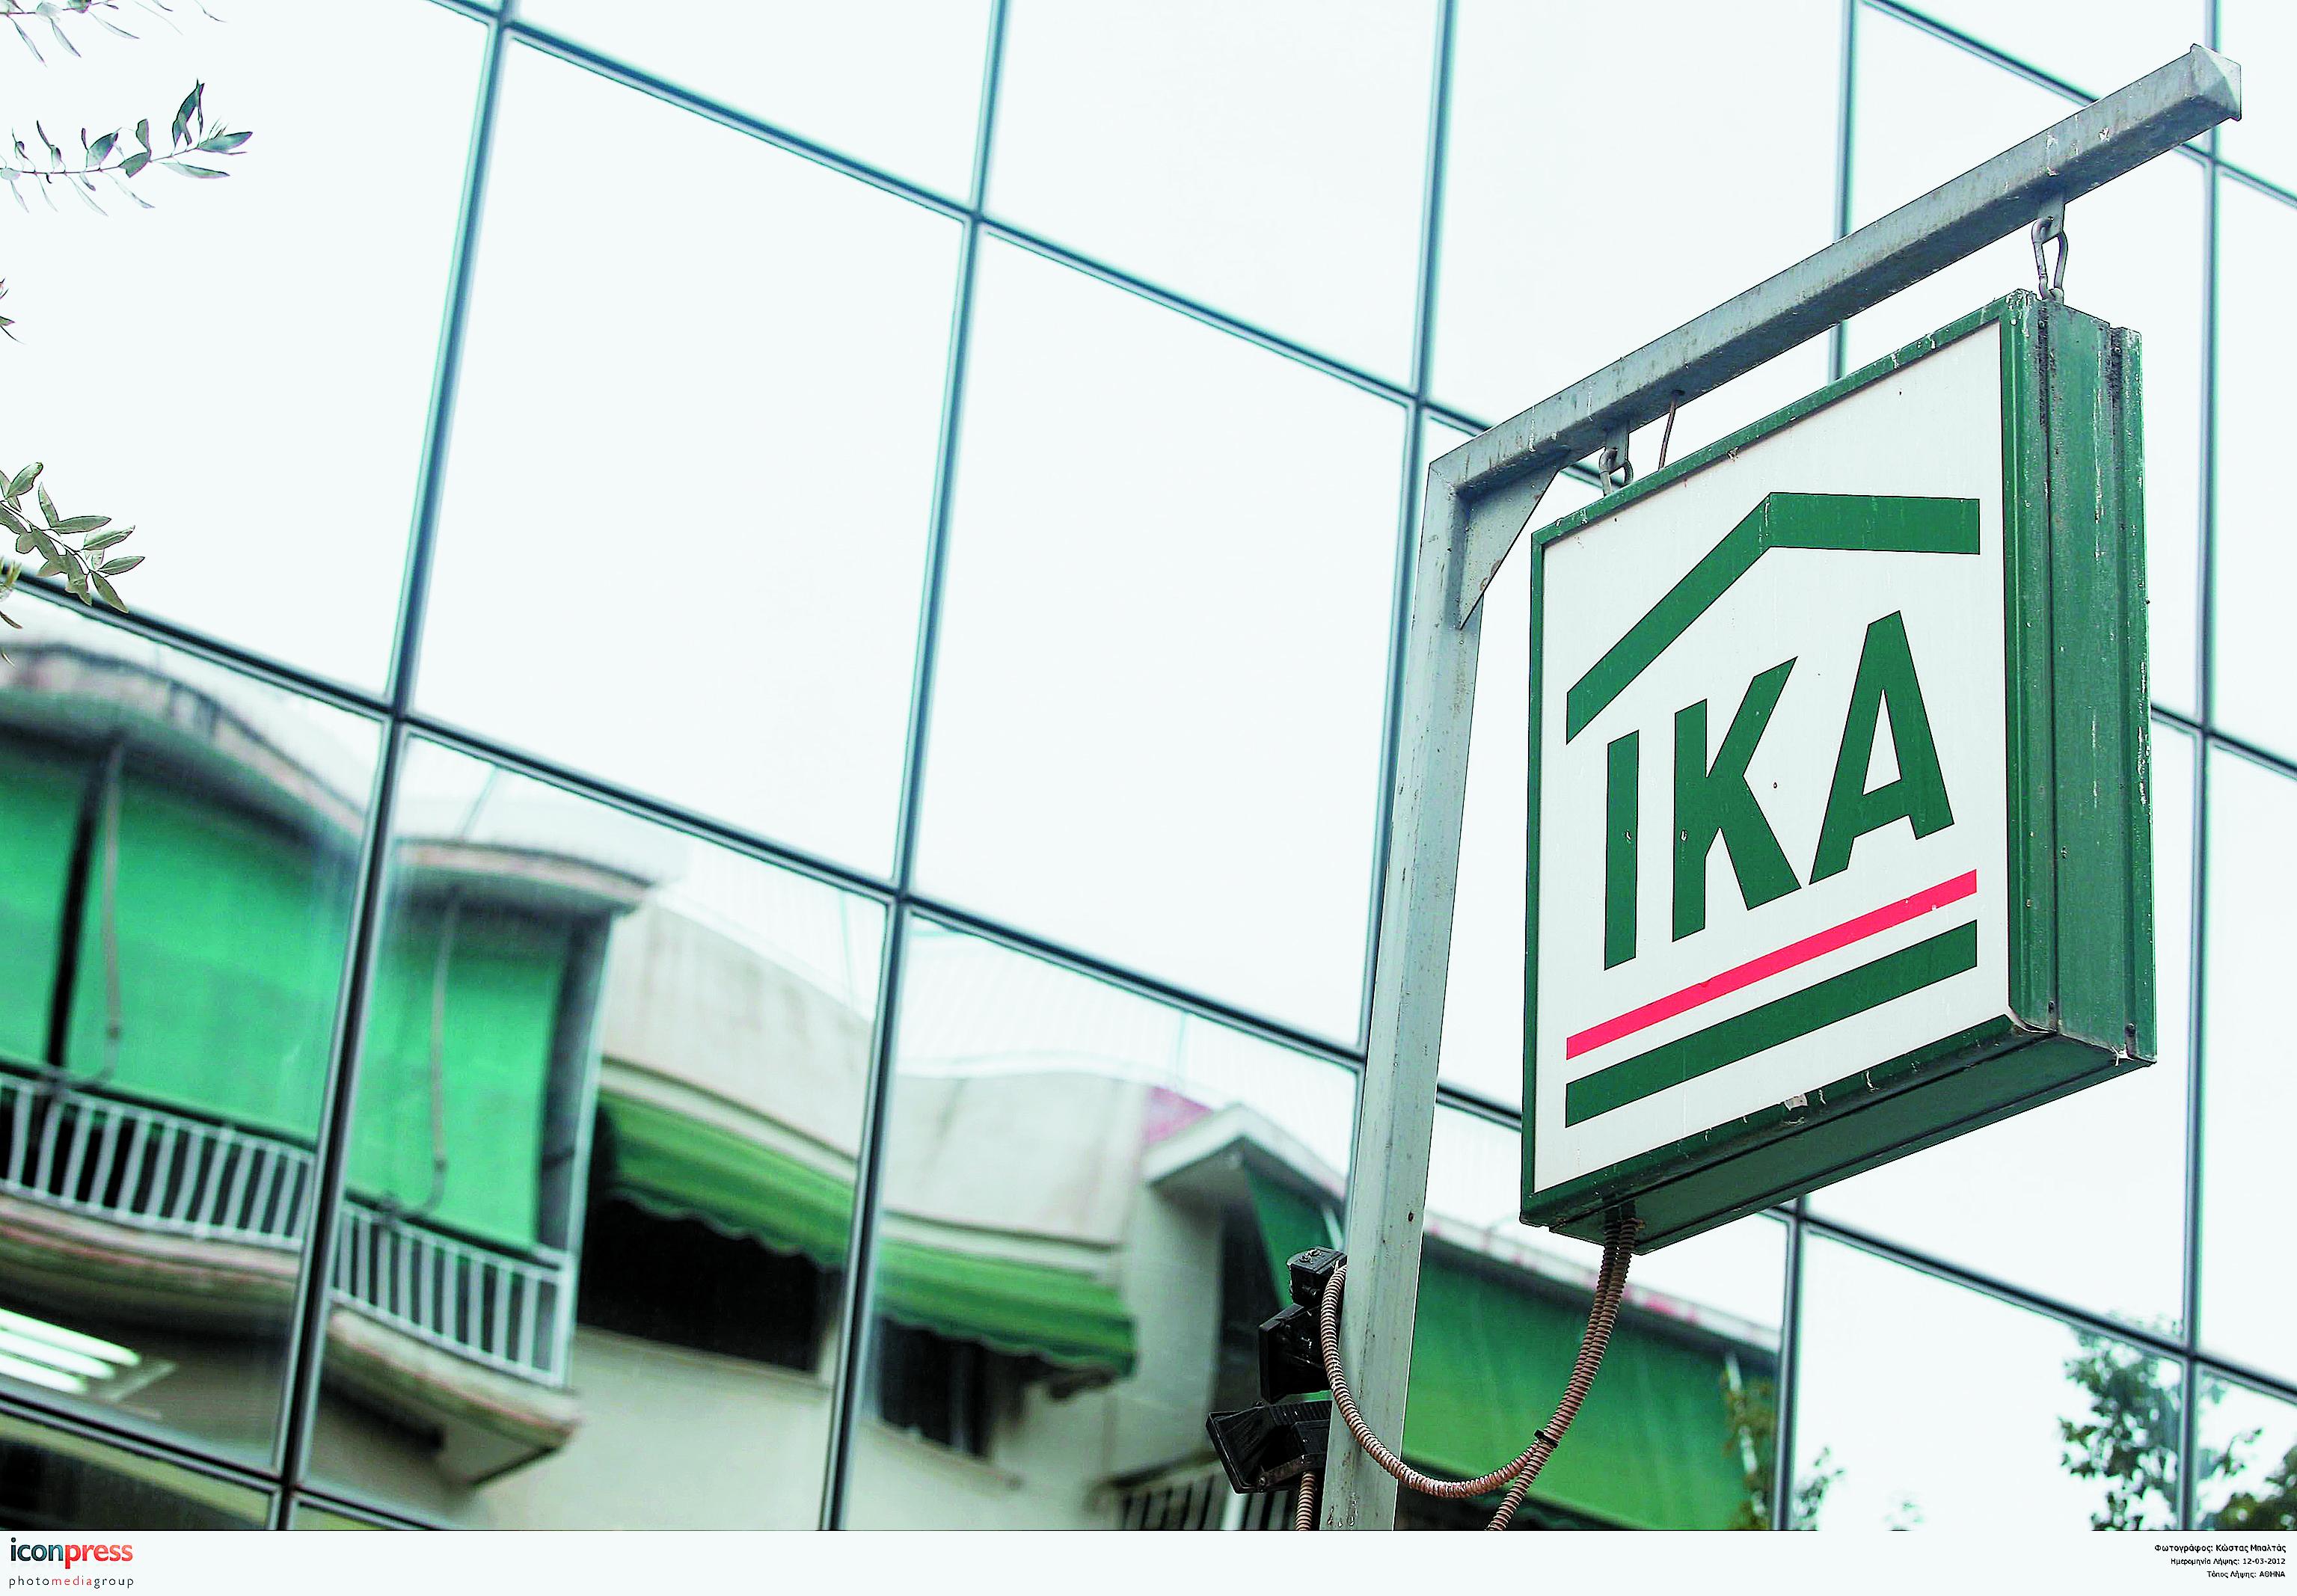 Κινητοποιήσεις στο ΙΚΑ Αμφιάλης λόγω μεταφοράς του σε άλλη περιοχή   tovima.gr